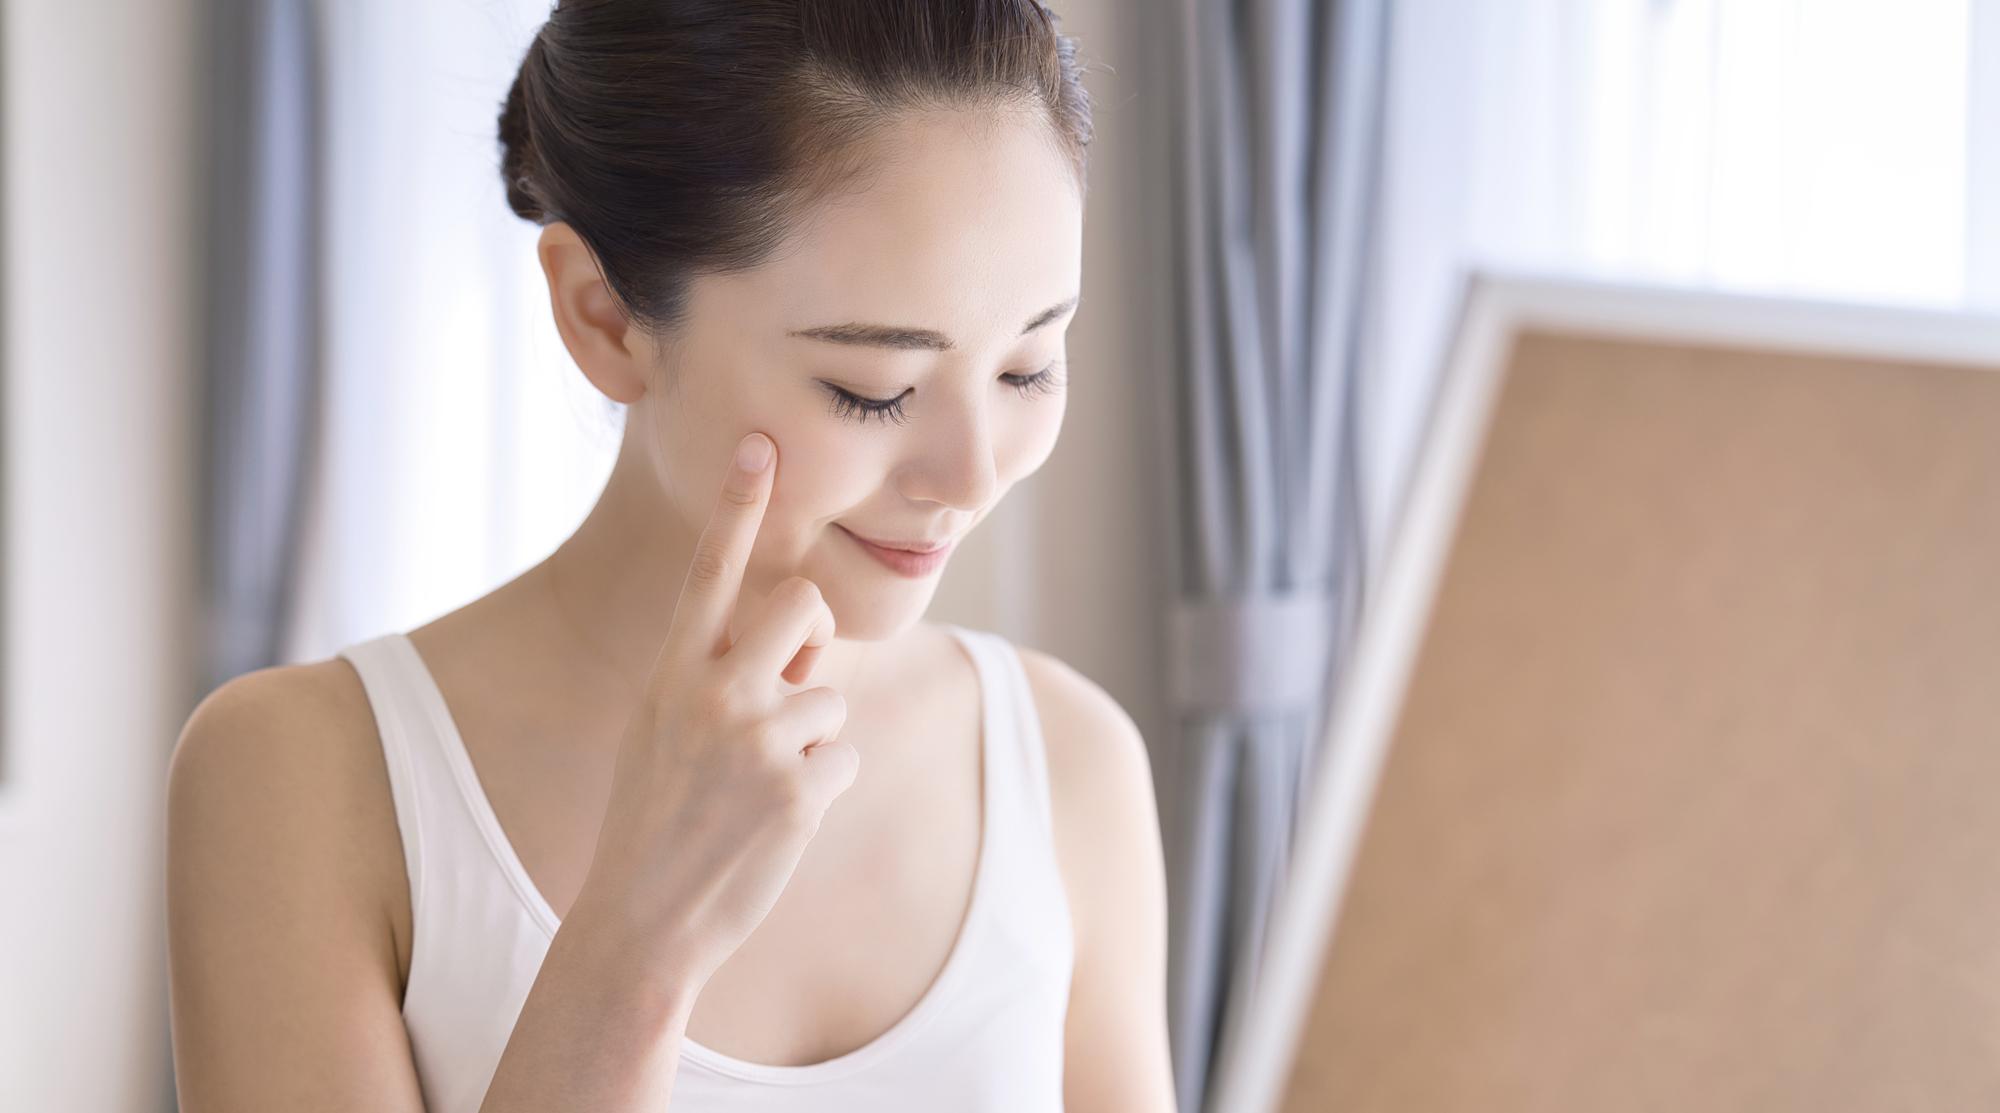 美白美容液おすすめランキングTOP5!自分に最適なシミ対策美容液選び